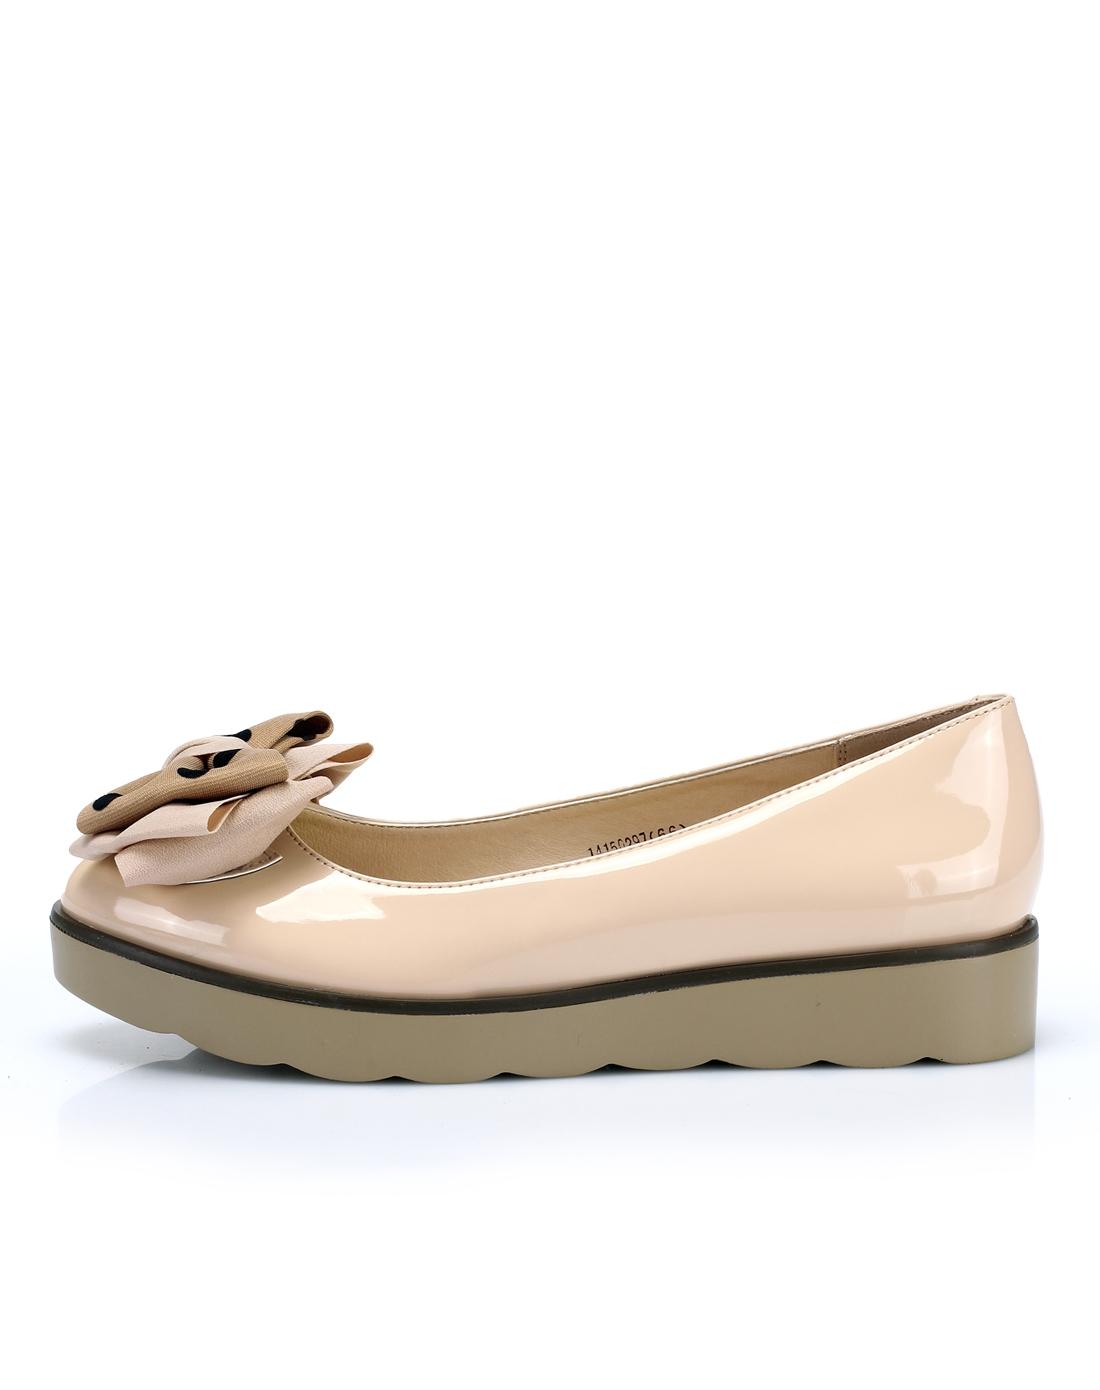 依思q 14年新款杏色波点蝴蝶结松糕单鞋